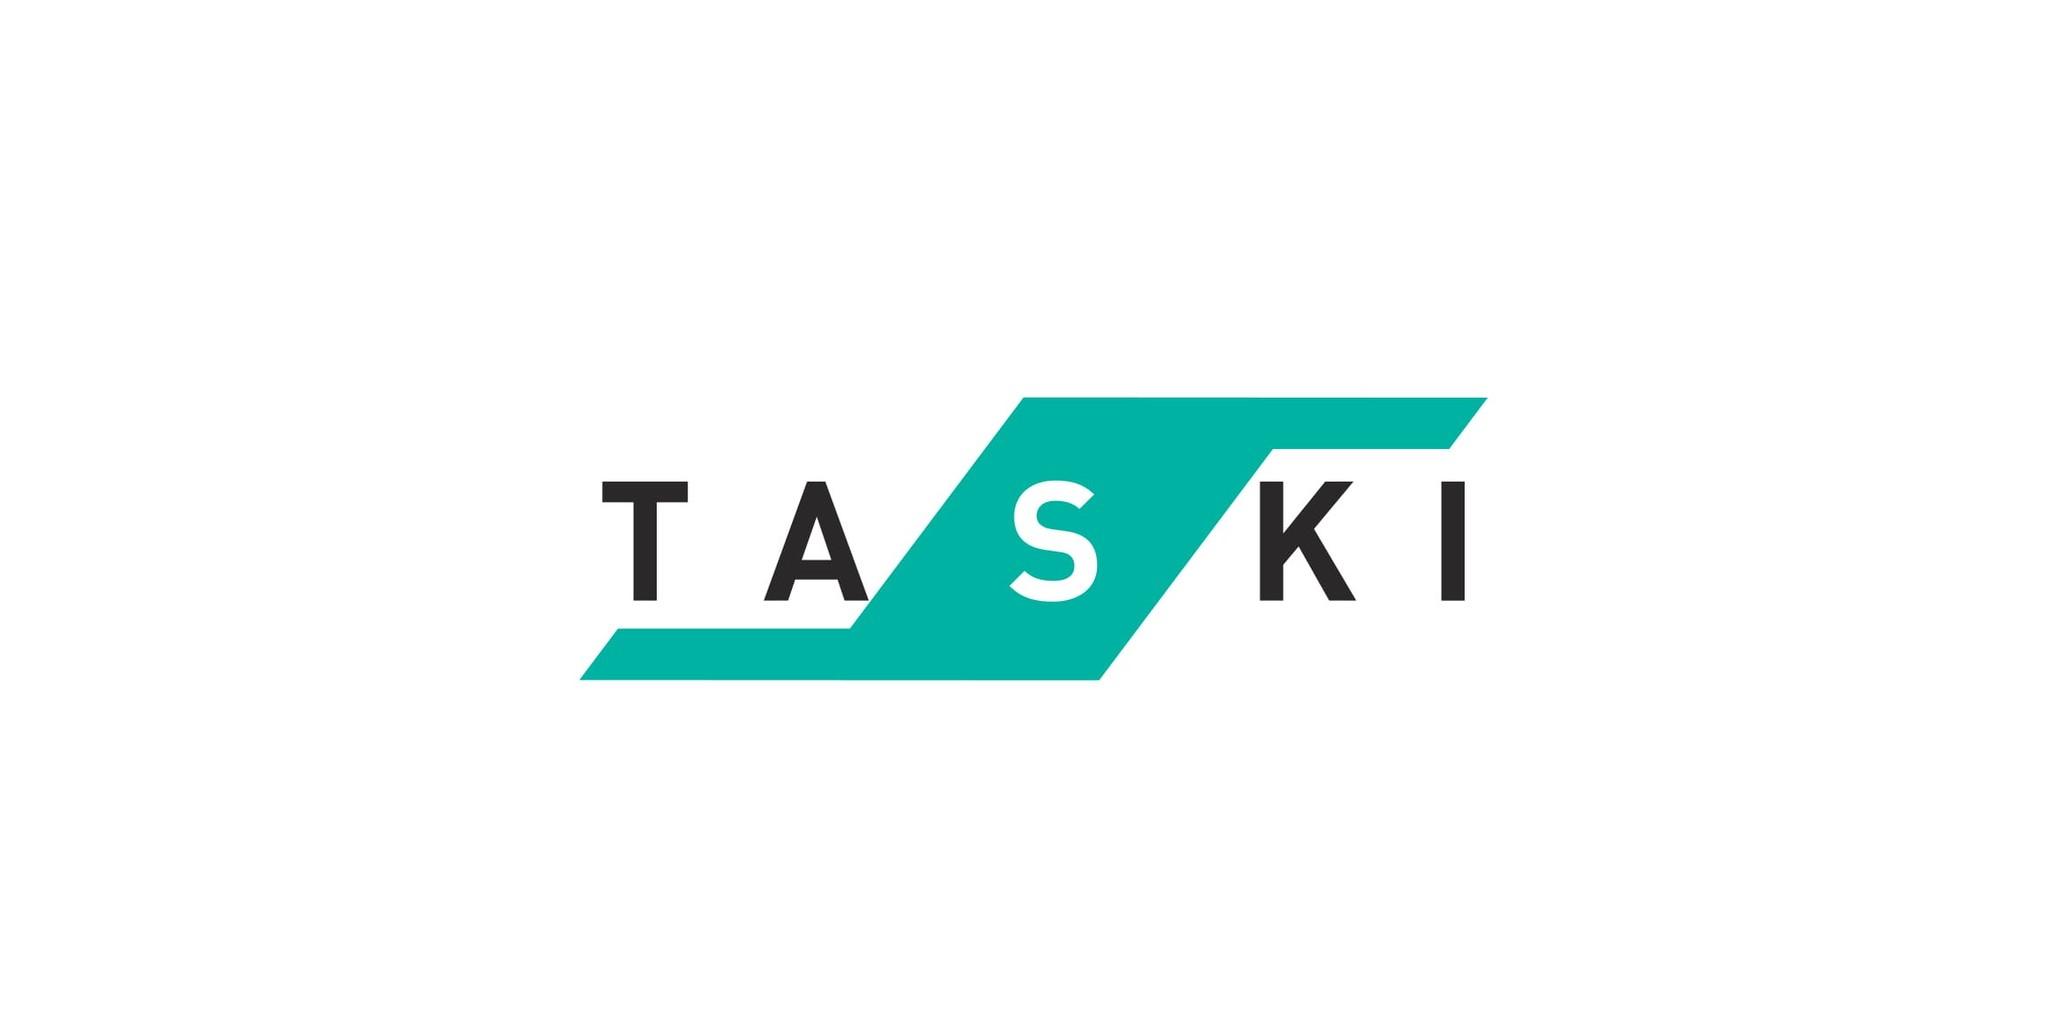 TASKI